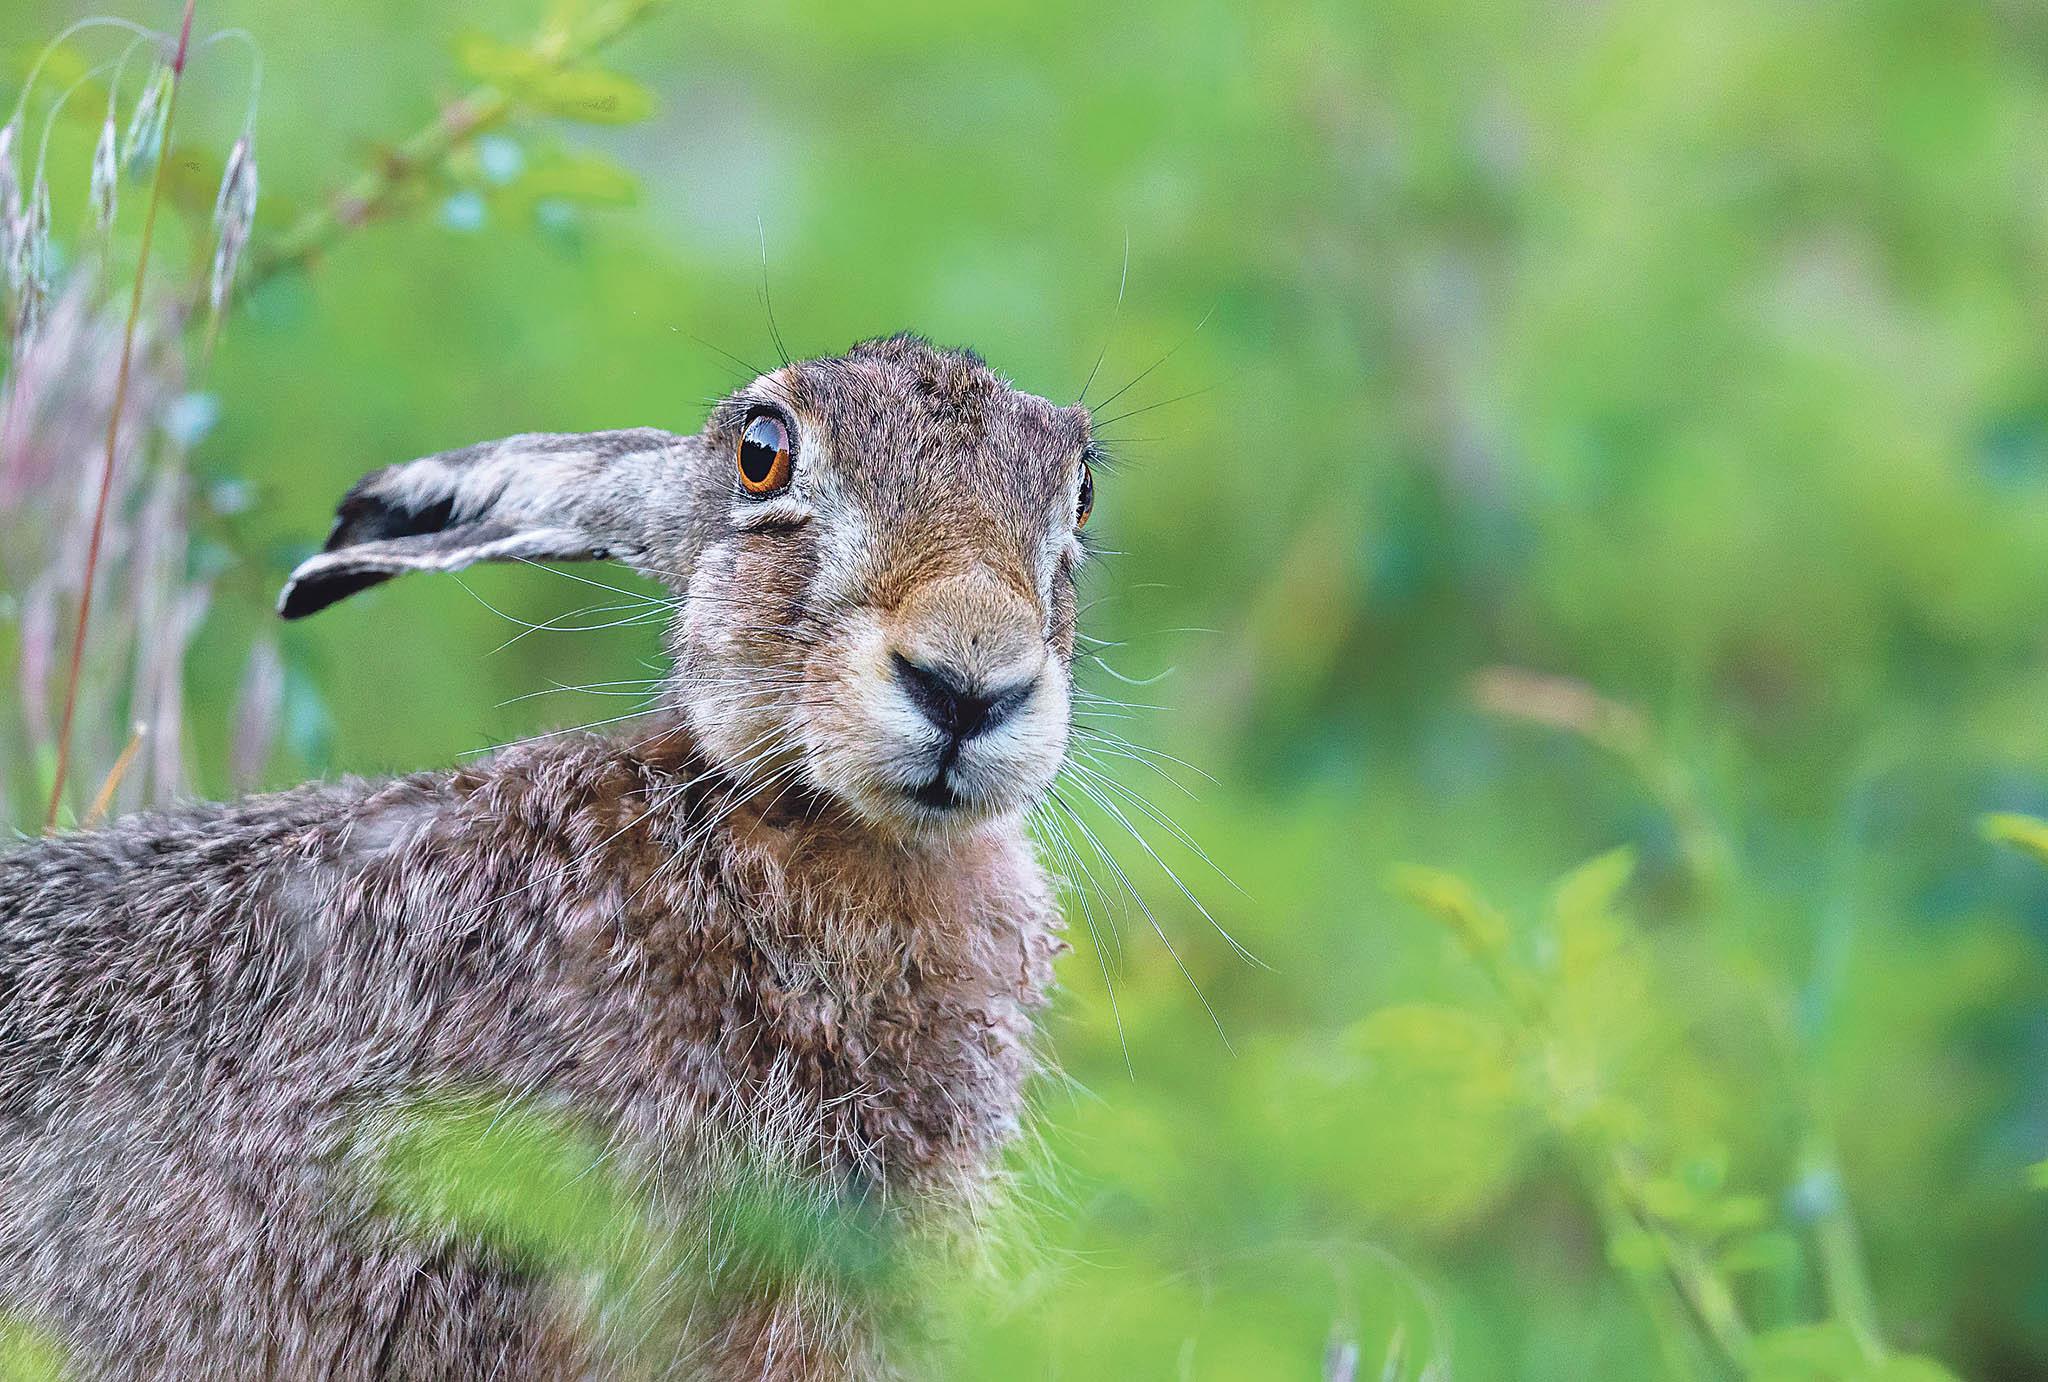 Myslivci letos v lednu v areálu Jaderné elektrárny Temelín odchytili 21 zajíců. Zvířata, kterým se na pozemku mimořádně daří, protože zde nemají žádné přirozené nepřátele, následně pustili do volné přírody.